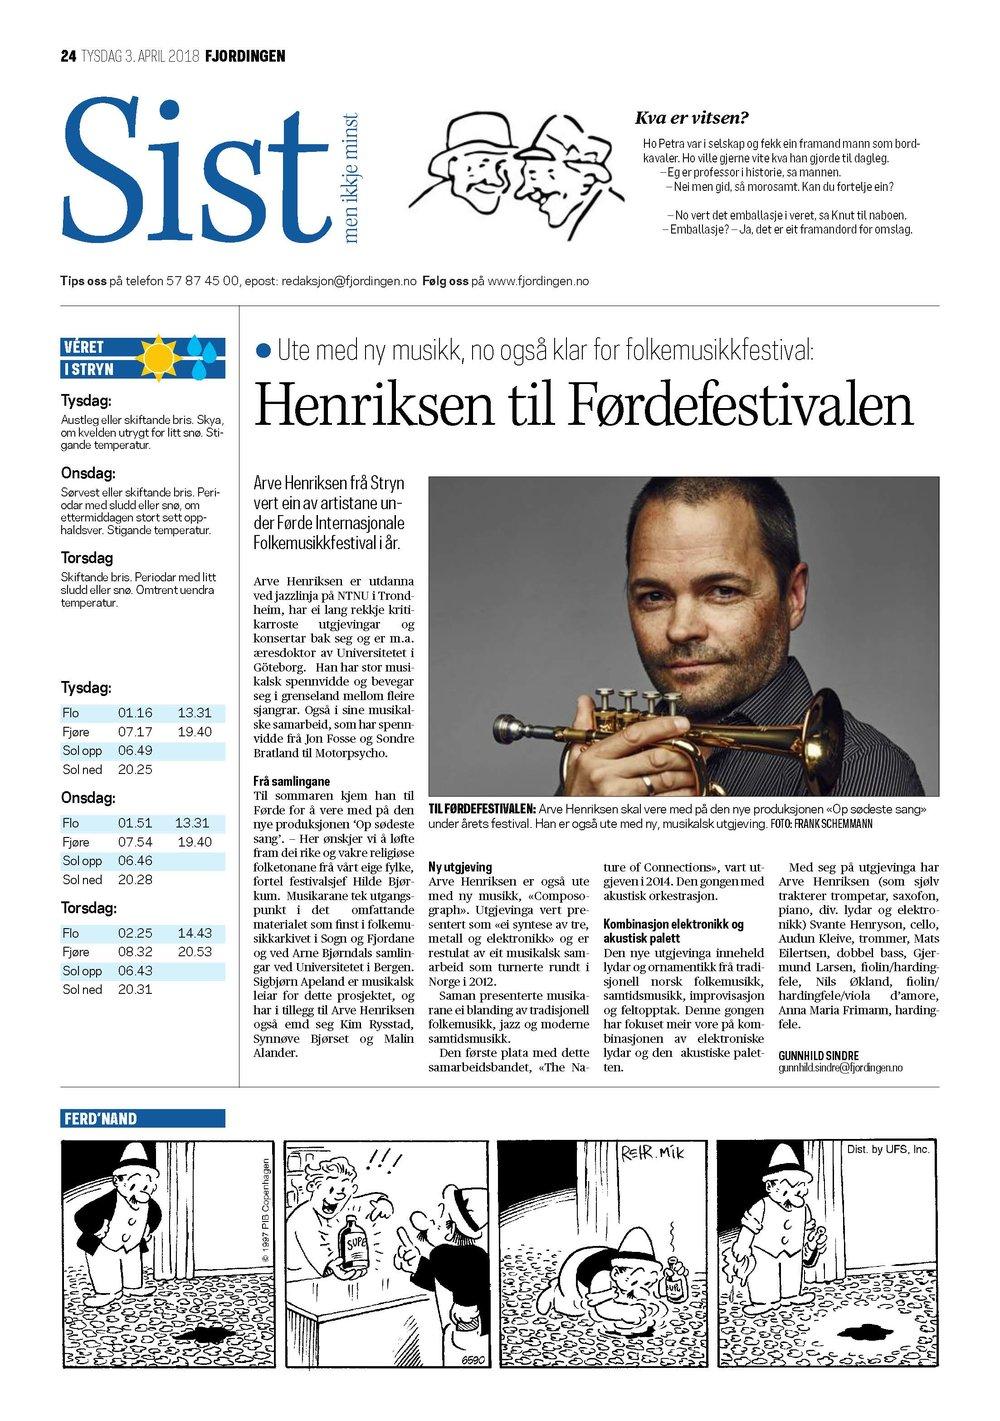 Fjordingen - Arve Henriksen til Førdefestivalen.jpg